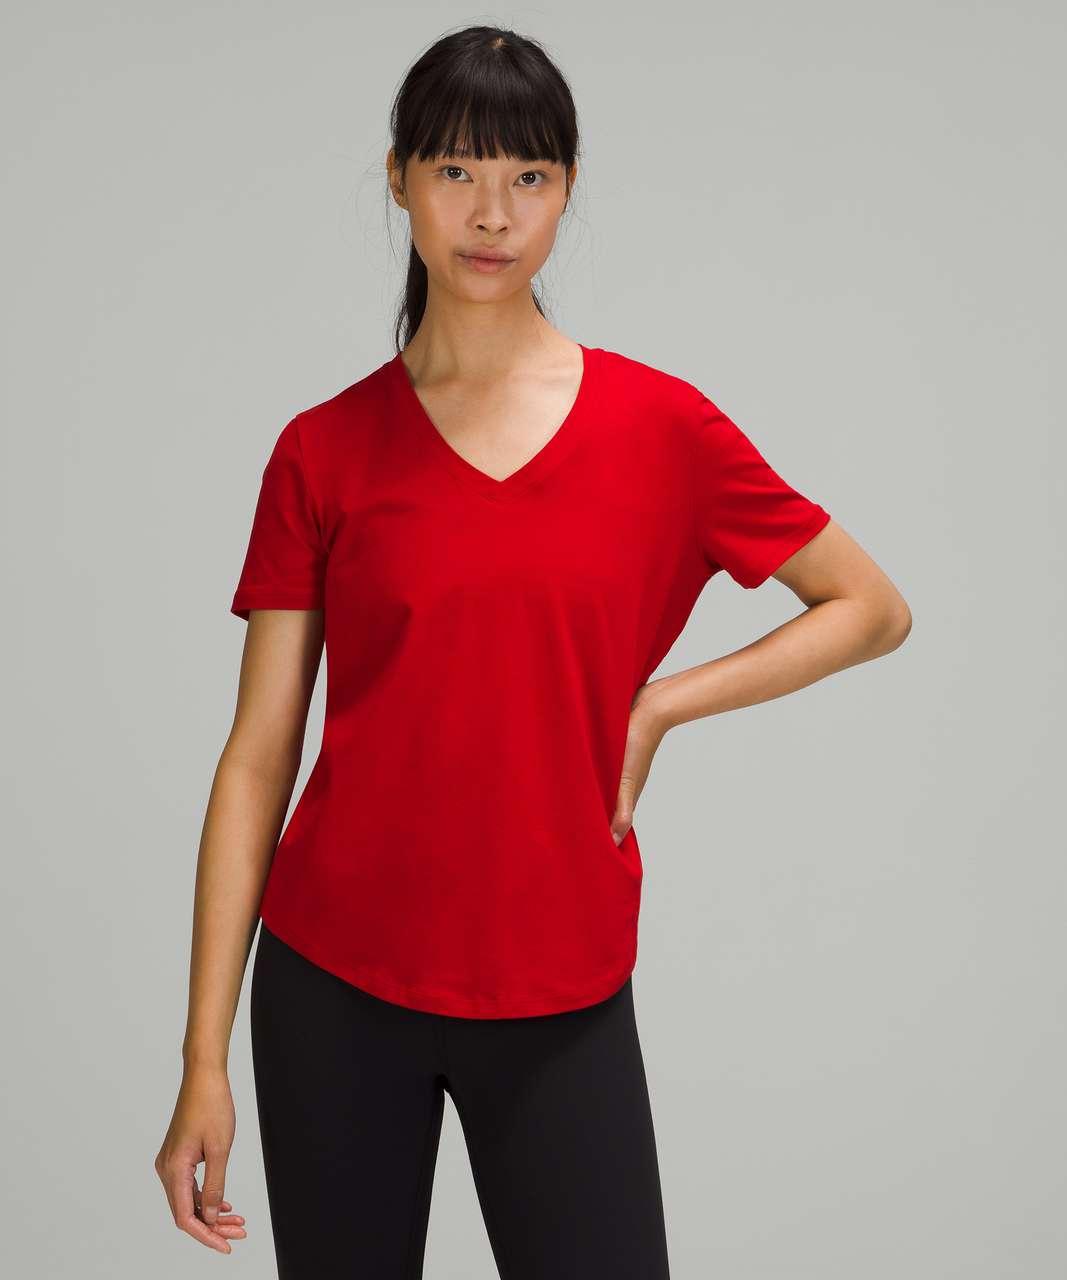 Lululemon Love Tee Short Sleeve V-Neck T-Shirt - Dark Red